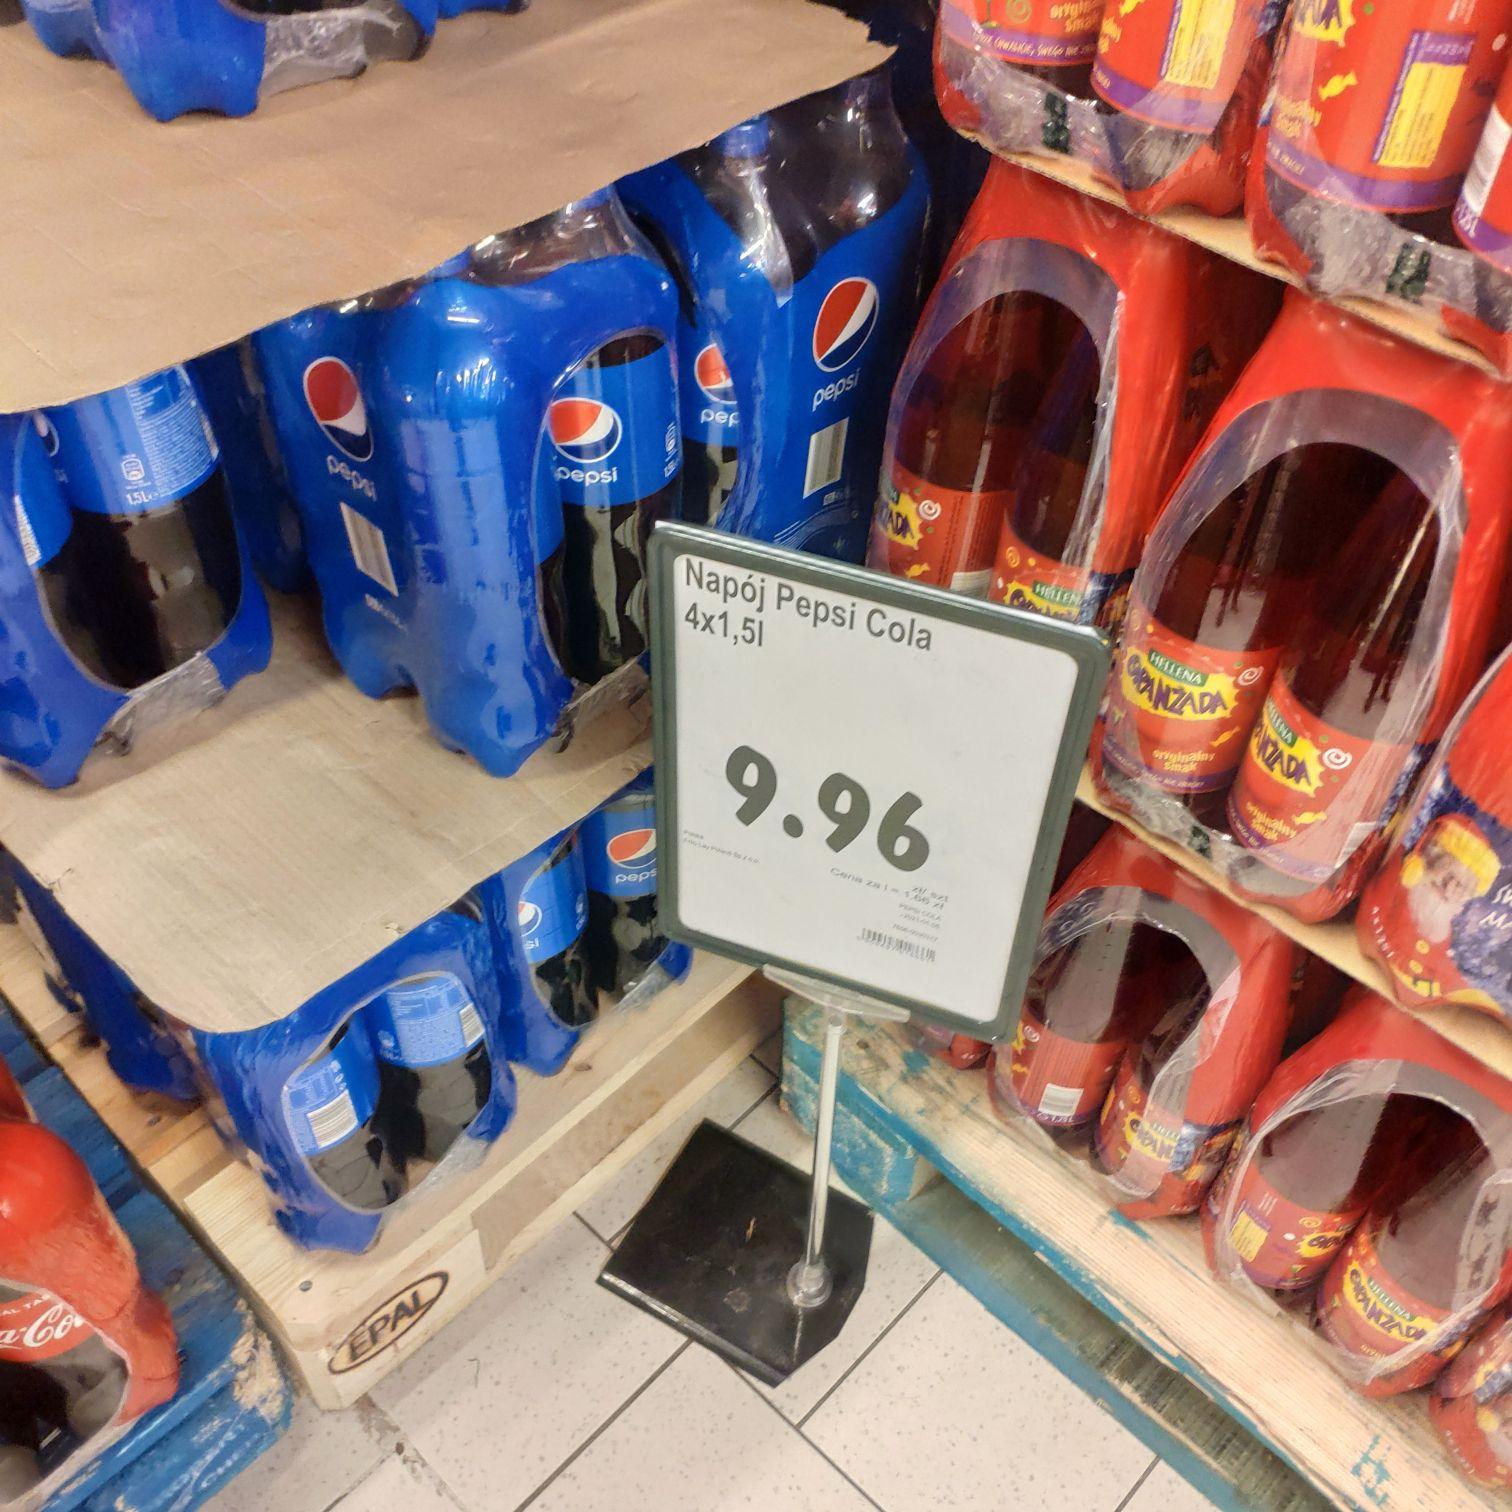 Pepsi 4x1,5l za 9,96 @Polomarket Zabrze ul. Wolności